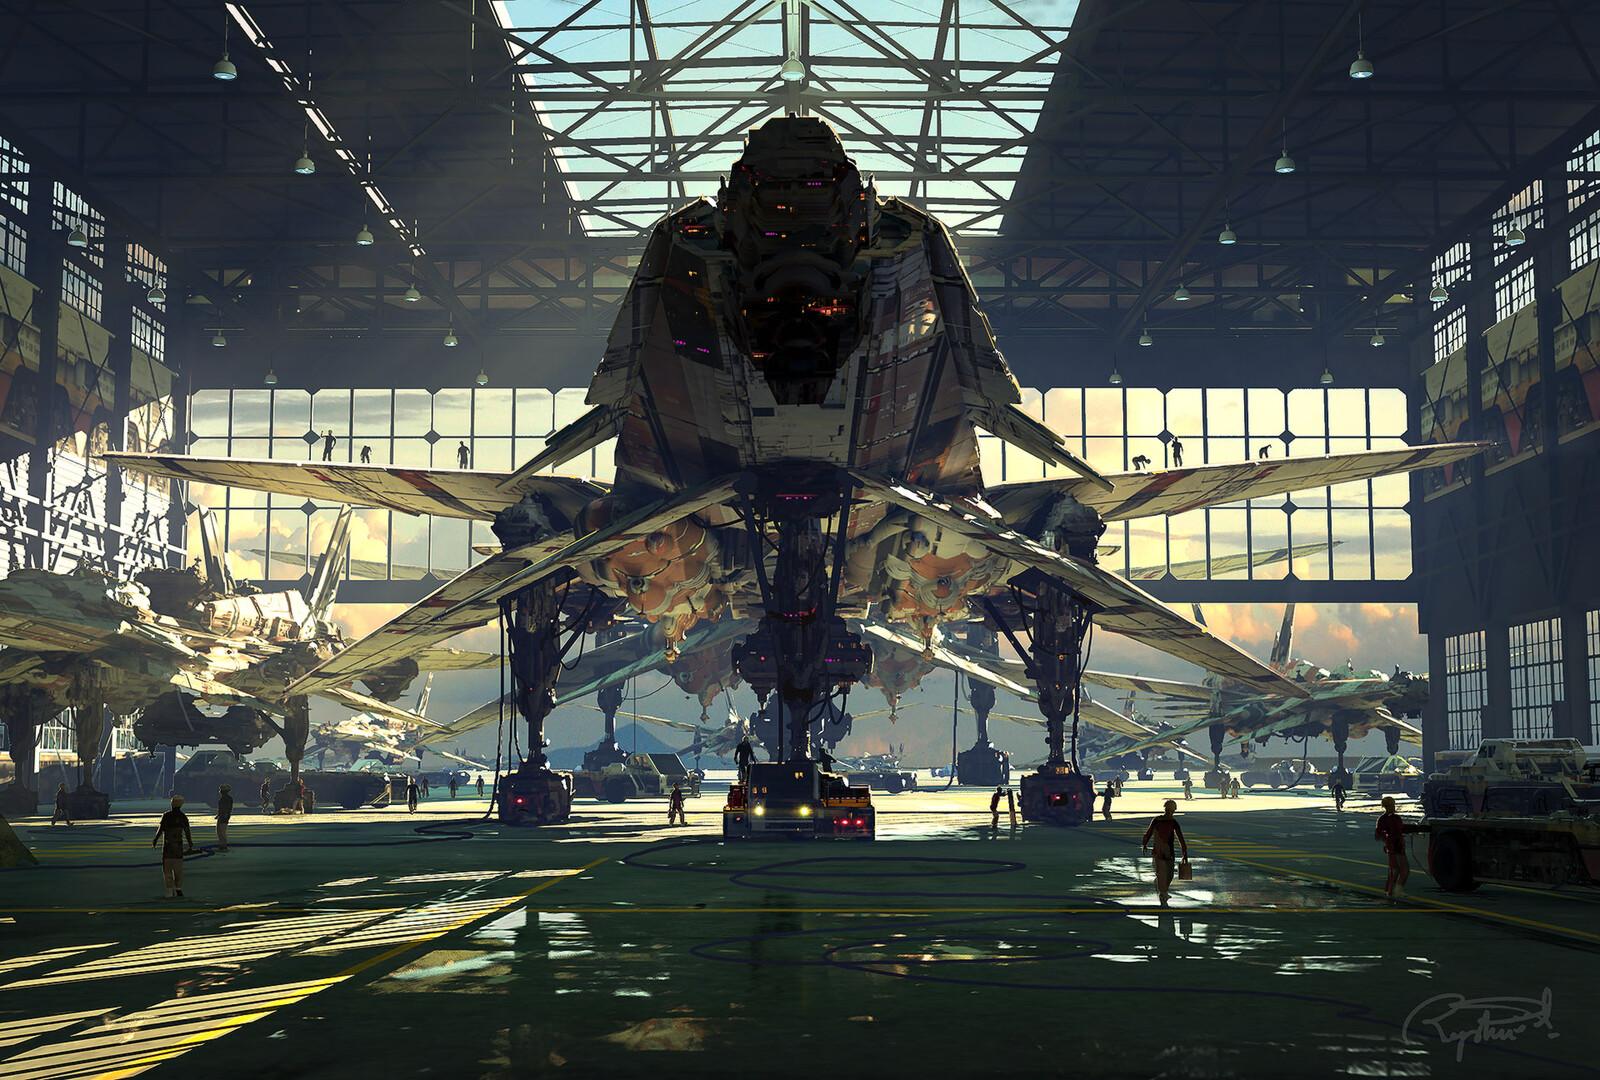 B19 Fleet (Hangar Scene)